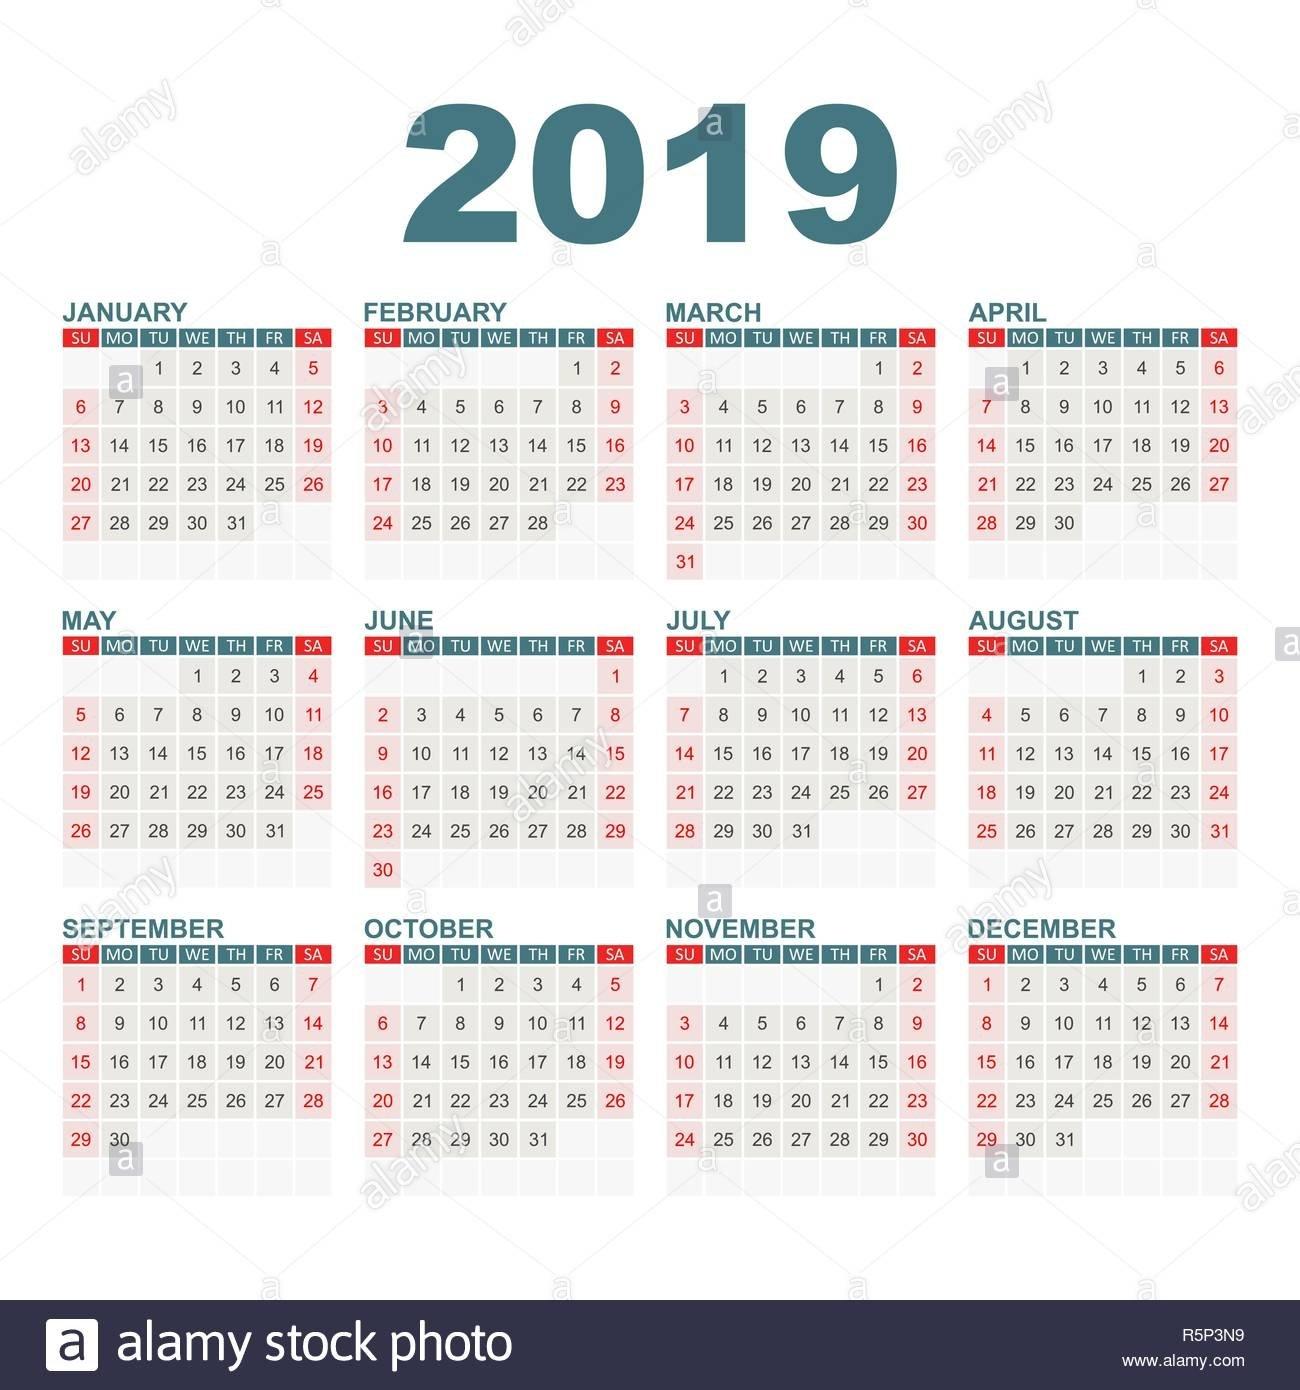 Calendar 2019 Year In Simple Style. Calendar Planner Design Template Calendar 2019 Agenda